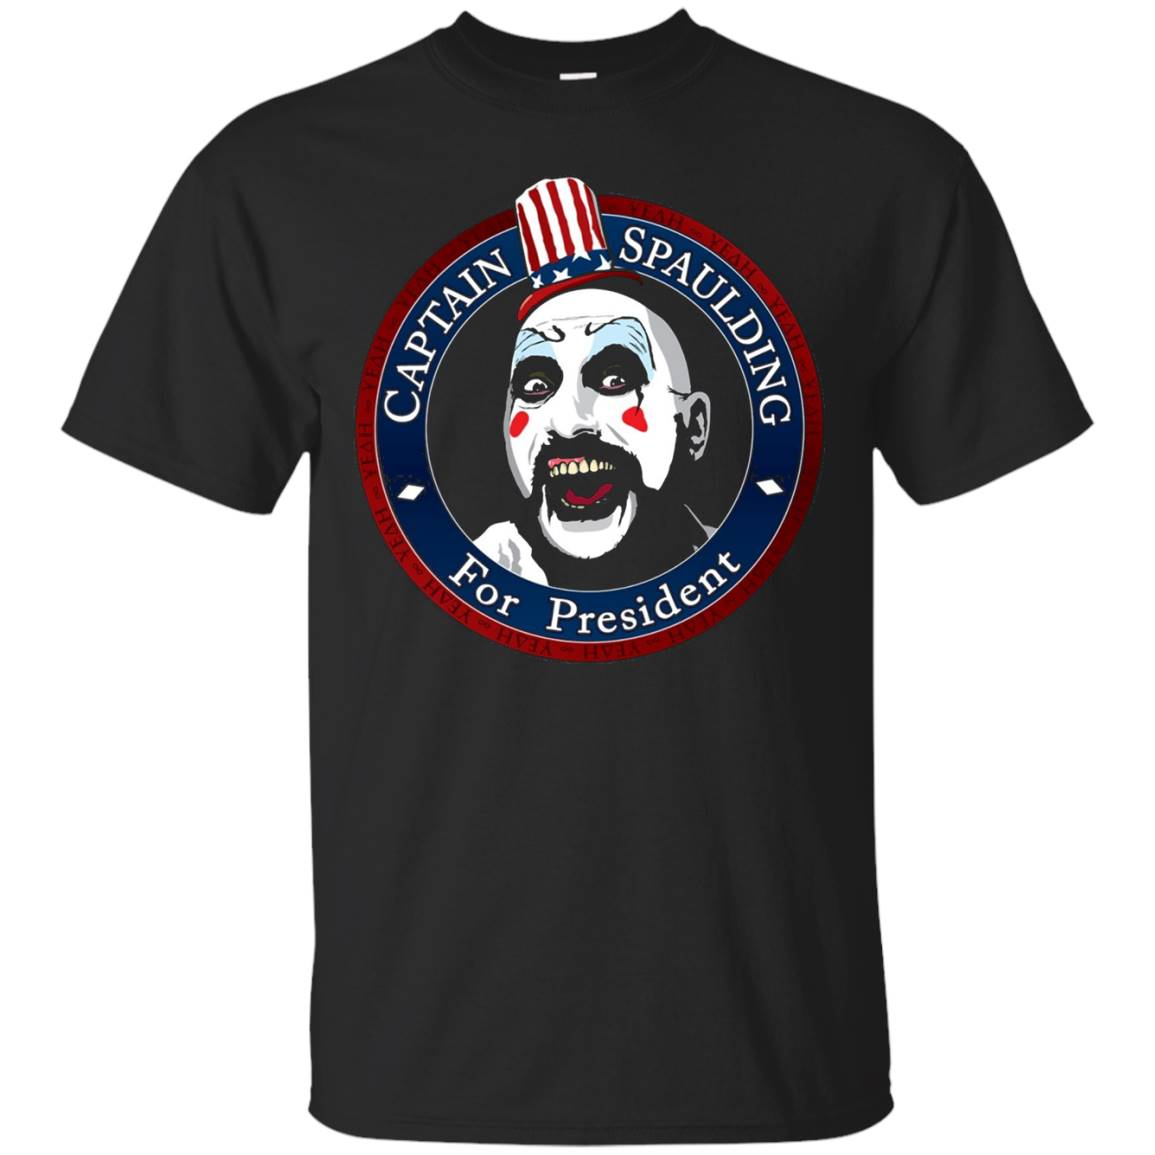 Captain Spaulding For President T shirt